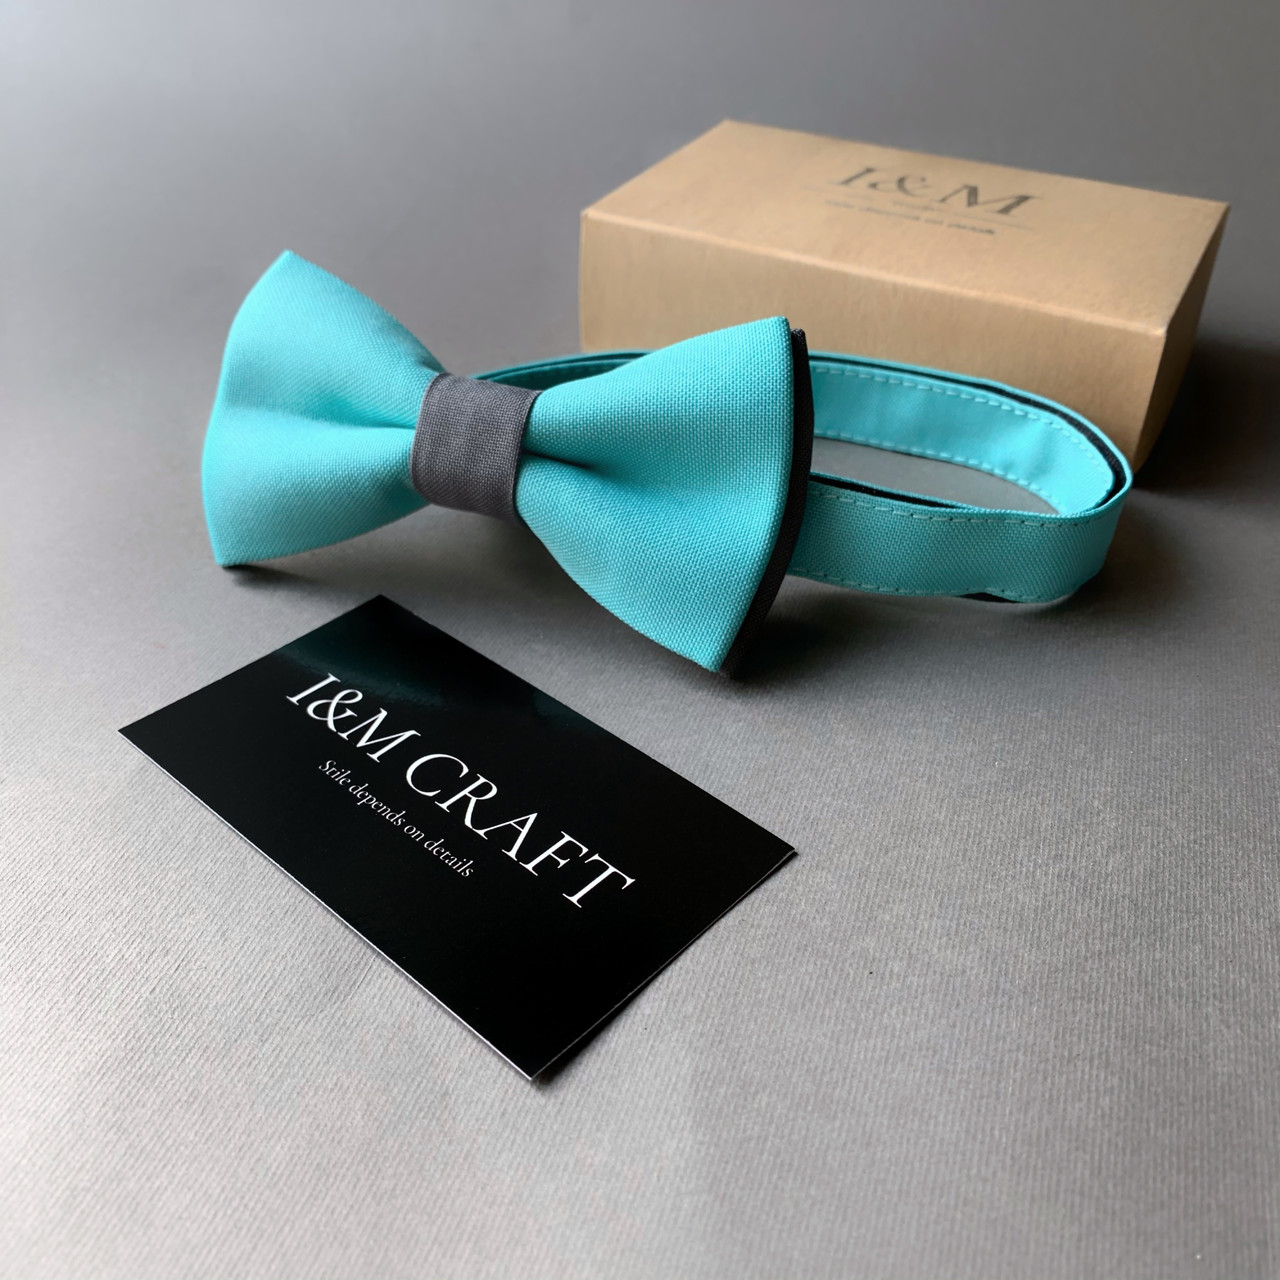 Галстук-бабочка I&M Craft двухцветный бирюзовый с серым (010605)